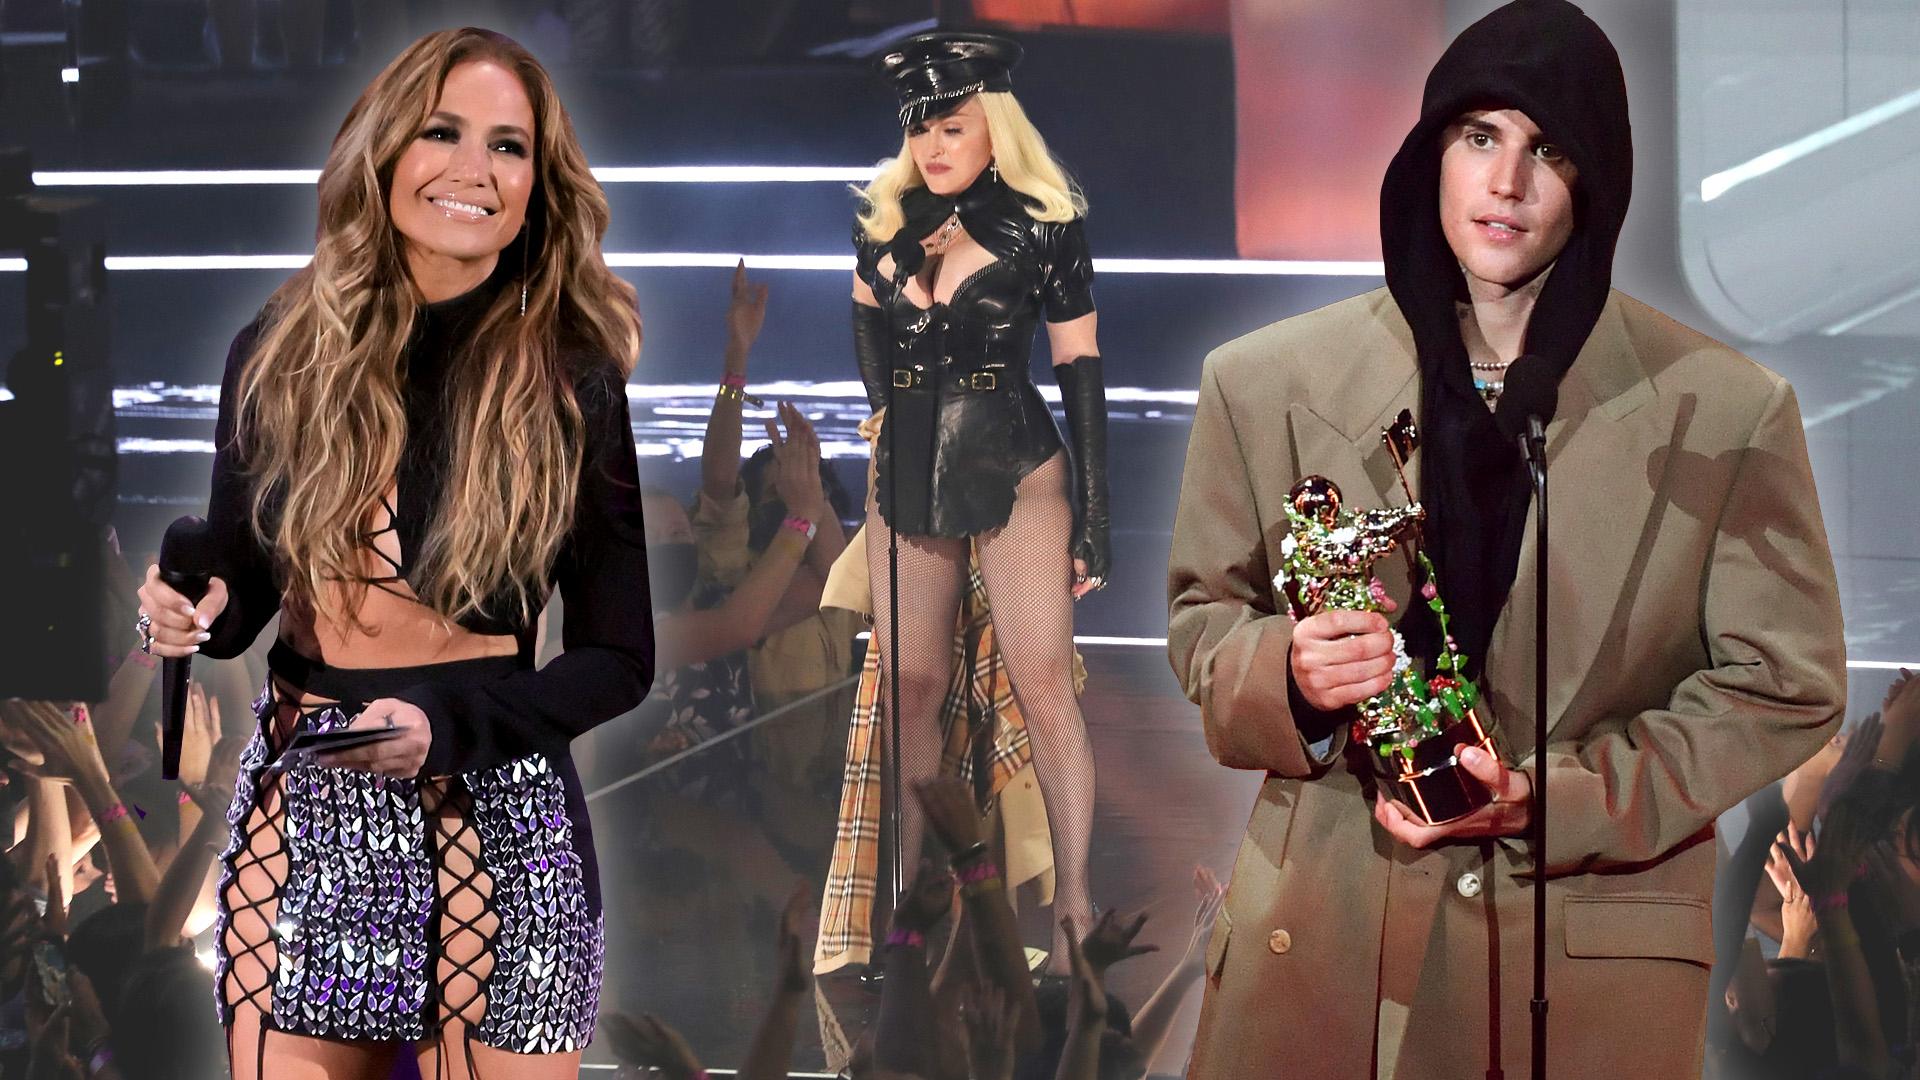 Madonna feneke szenzáció lett, JLo bugyi nélkül jelent meg, Justin Bieber furán festett